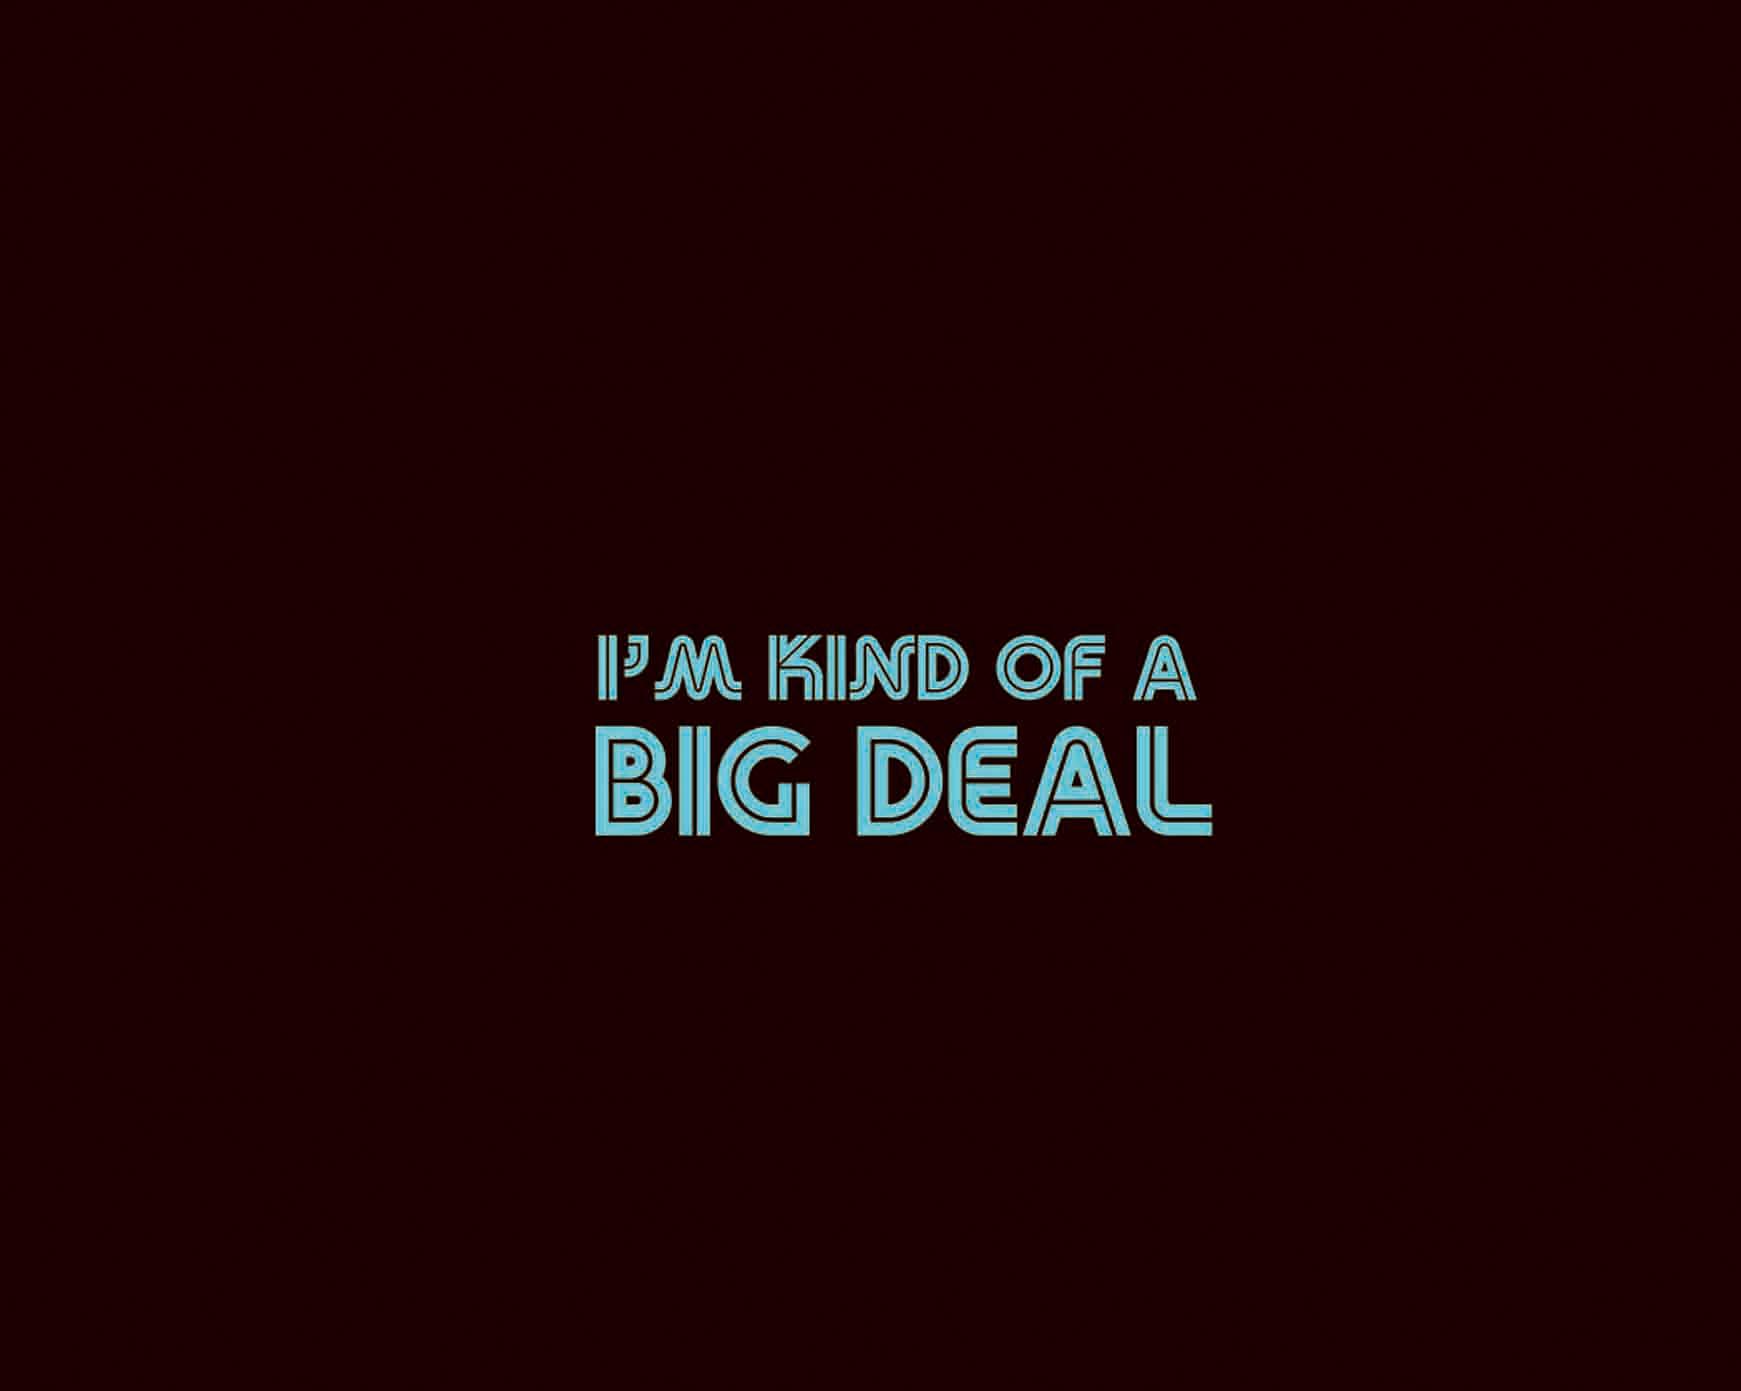 BIG-DEAL